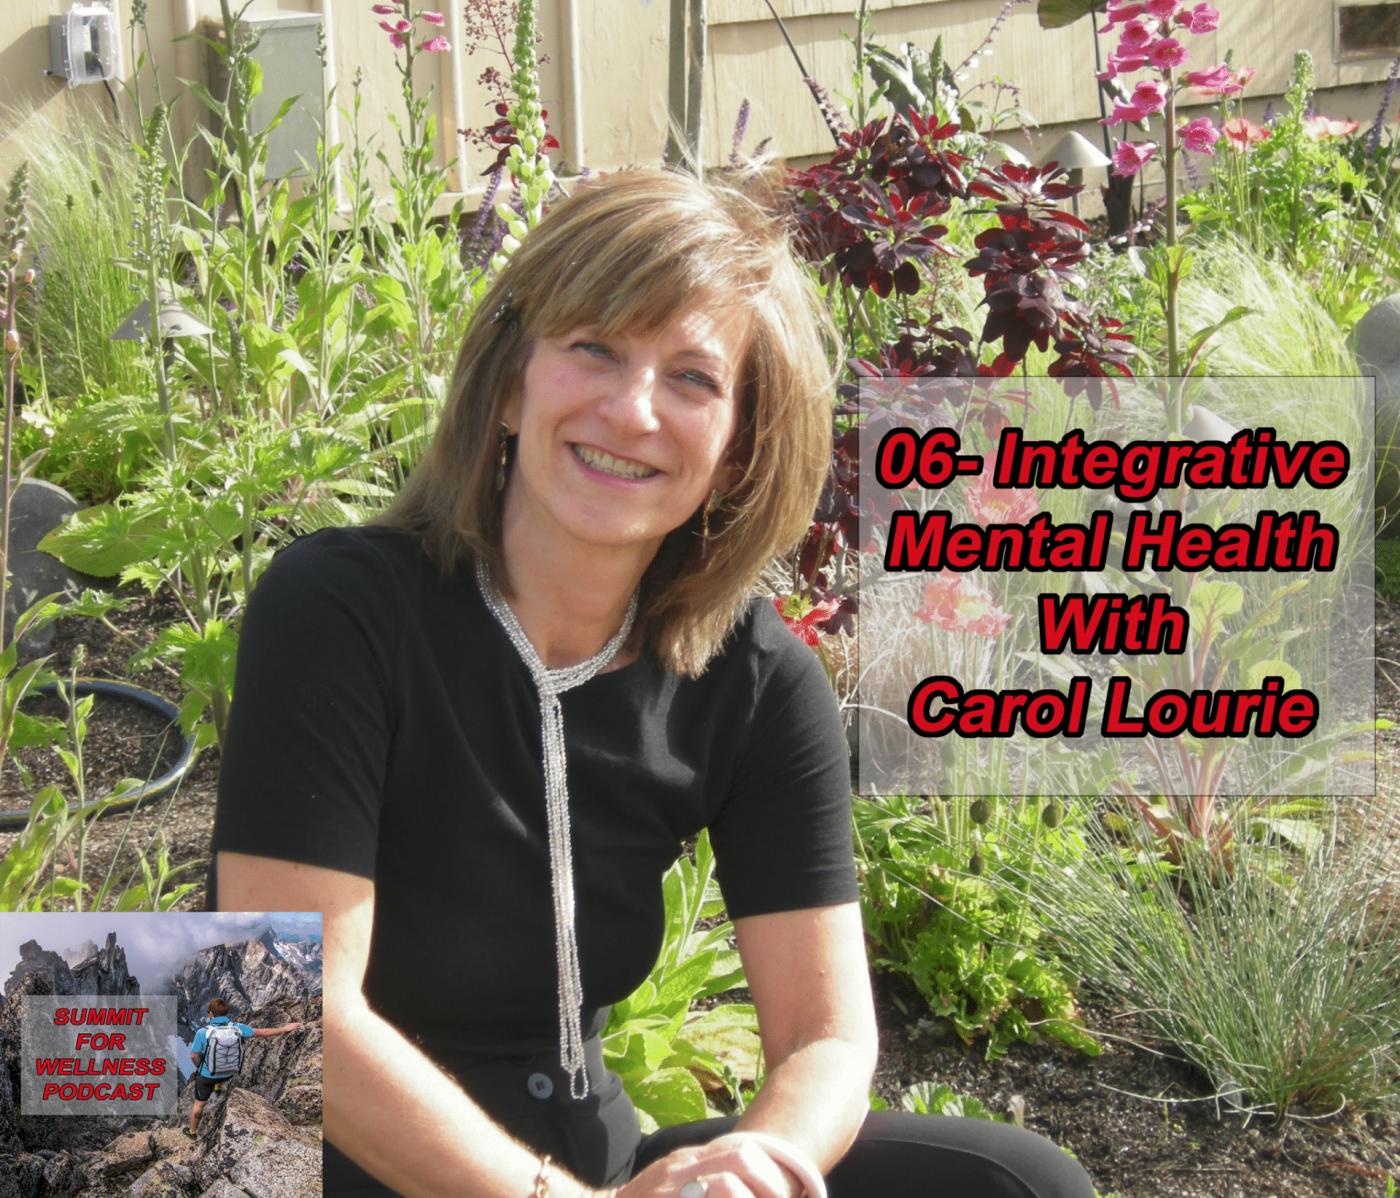 Integrative Mental Health